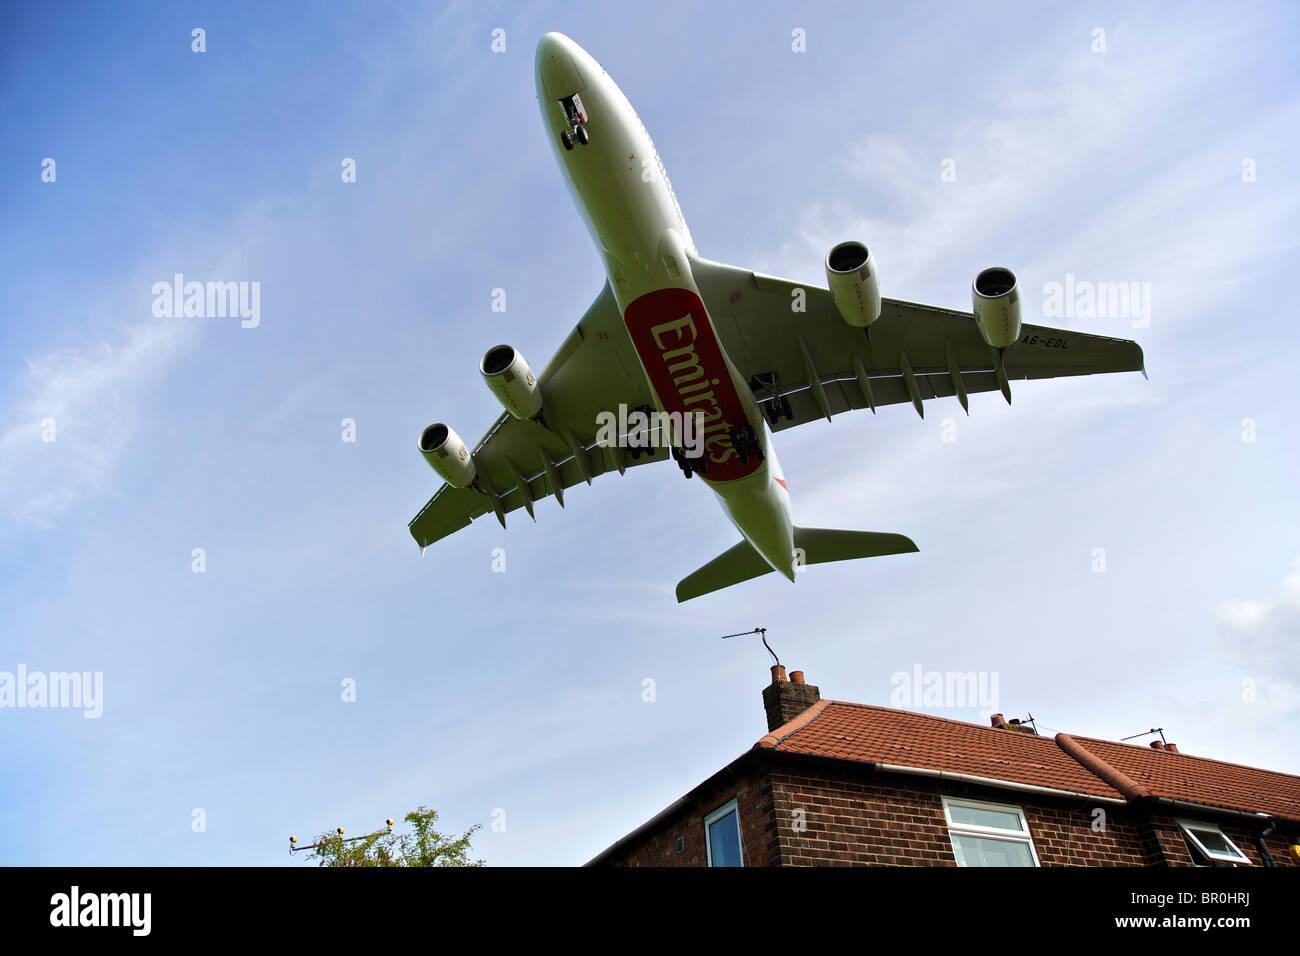 Airbus A380 de Emirates Airline llega al aeropuerto de Manchester, volando a baja altura sobre la azotea de la casa. Imagen De Stock